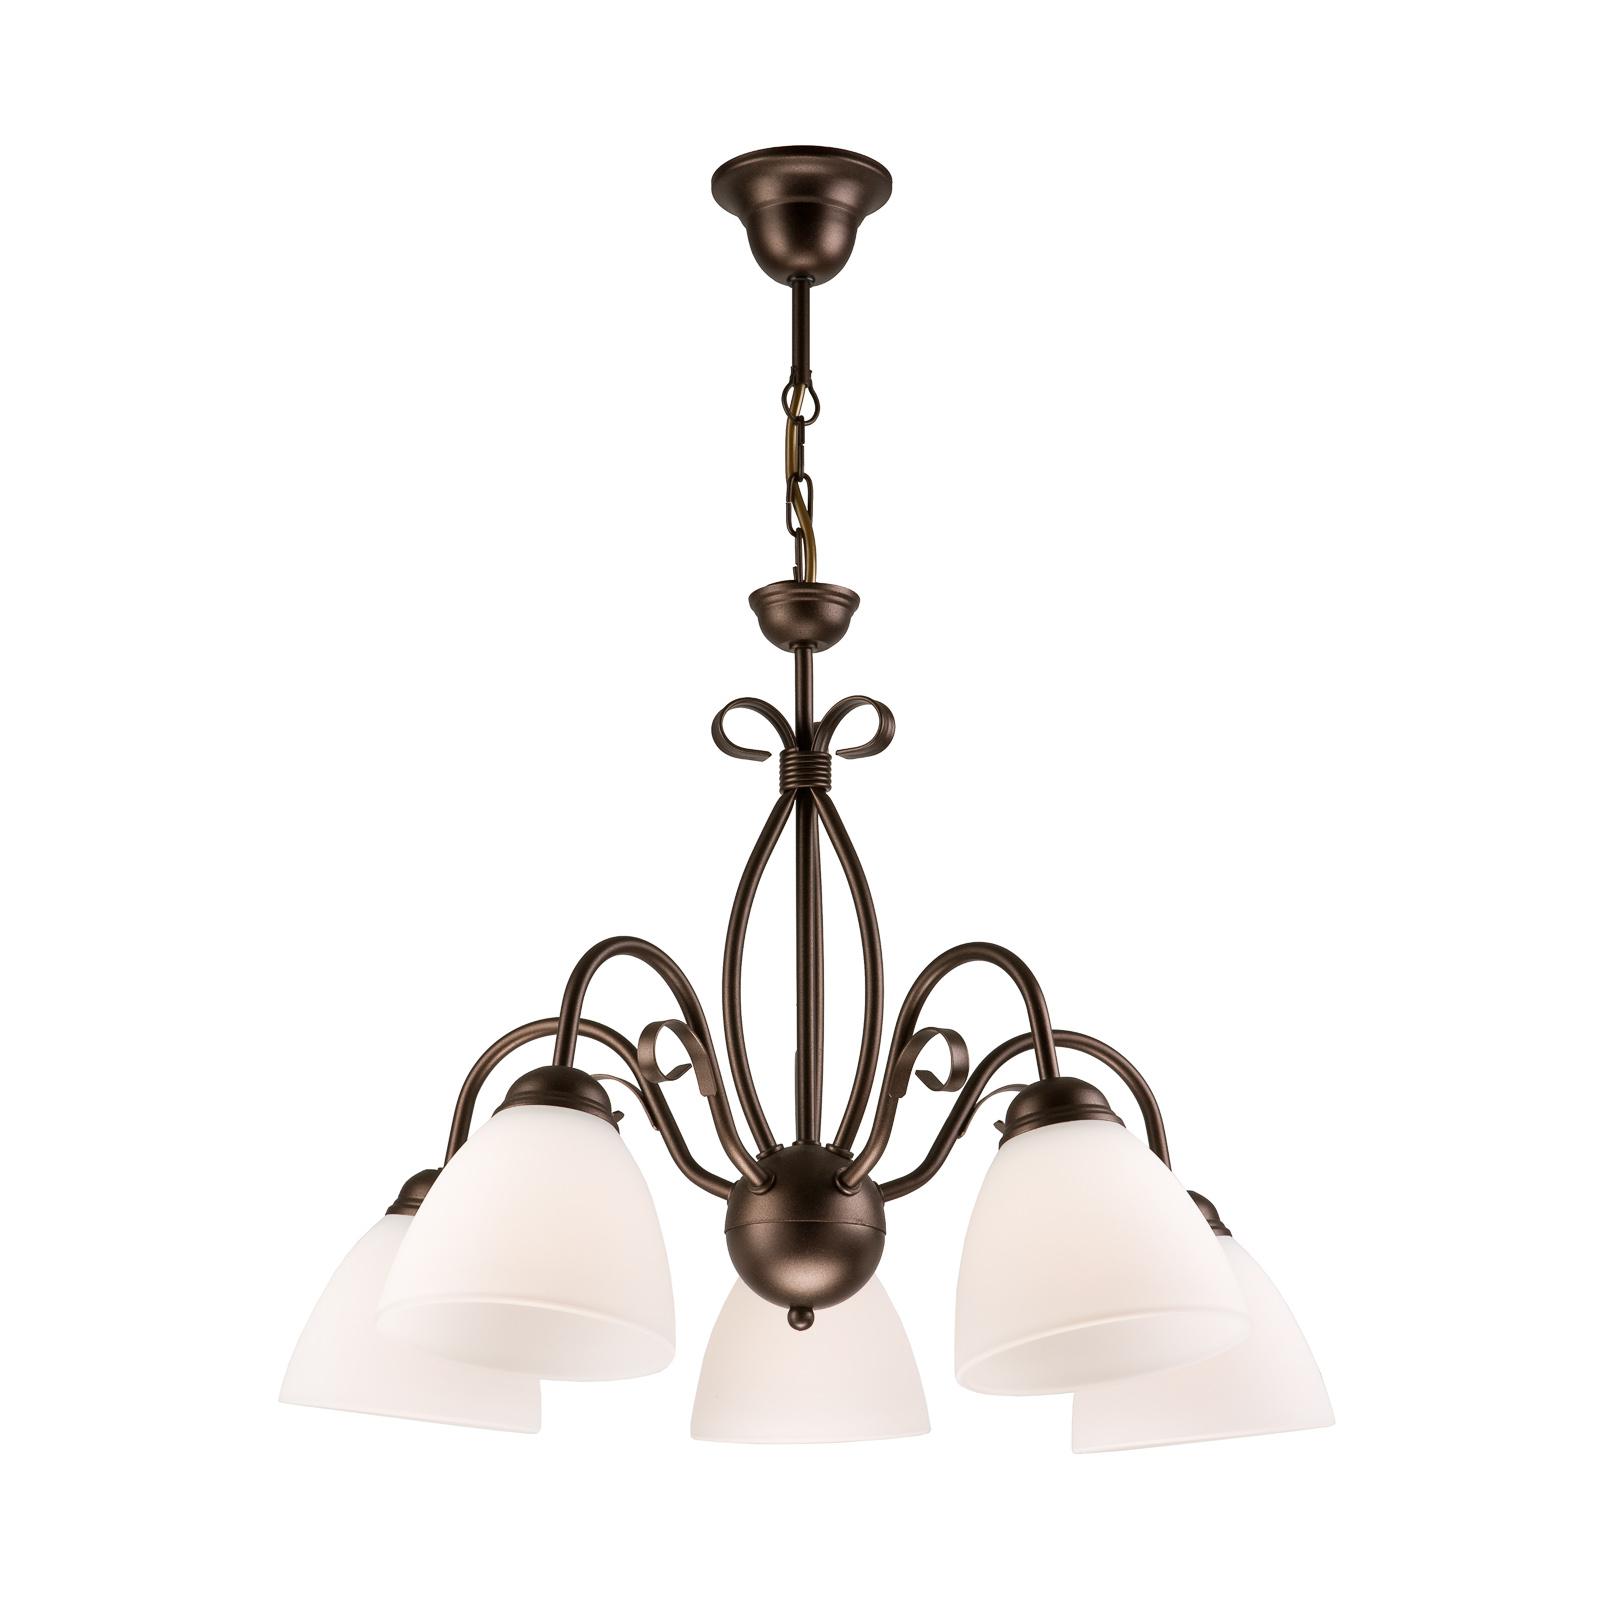 Riippuvalo Adoro, 5-lamppuinen, ruskea